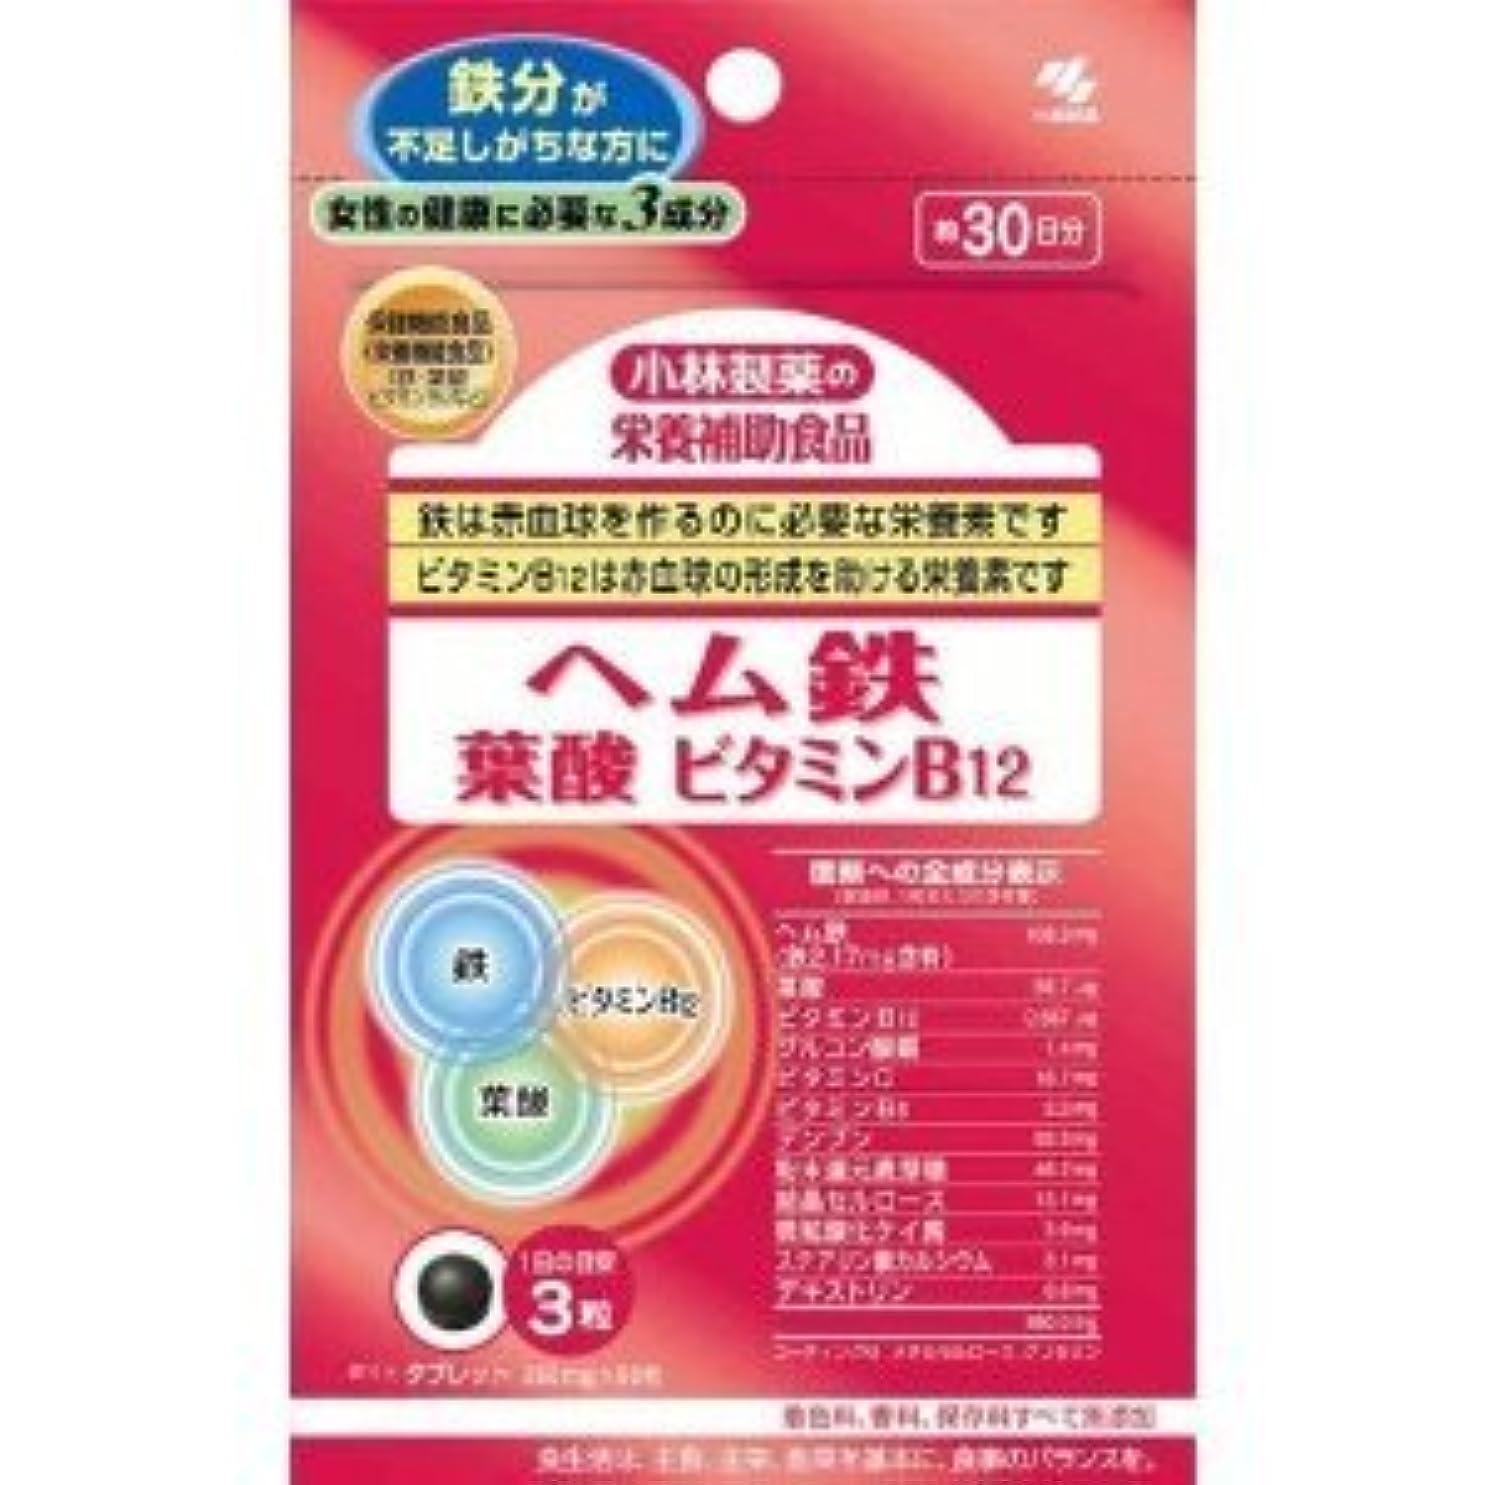 意外難民動小林製薬の栄養補助食品ヘム鉄葉酸ビタミンB12(90粒)×4個セット